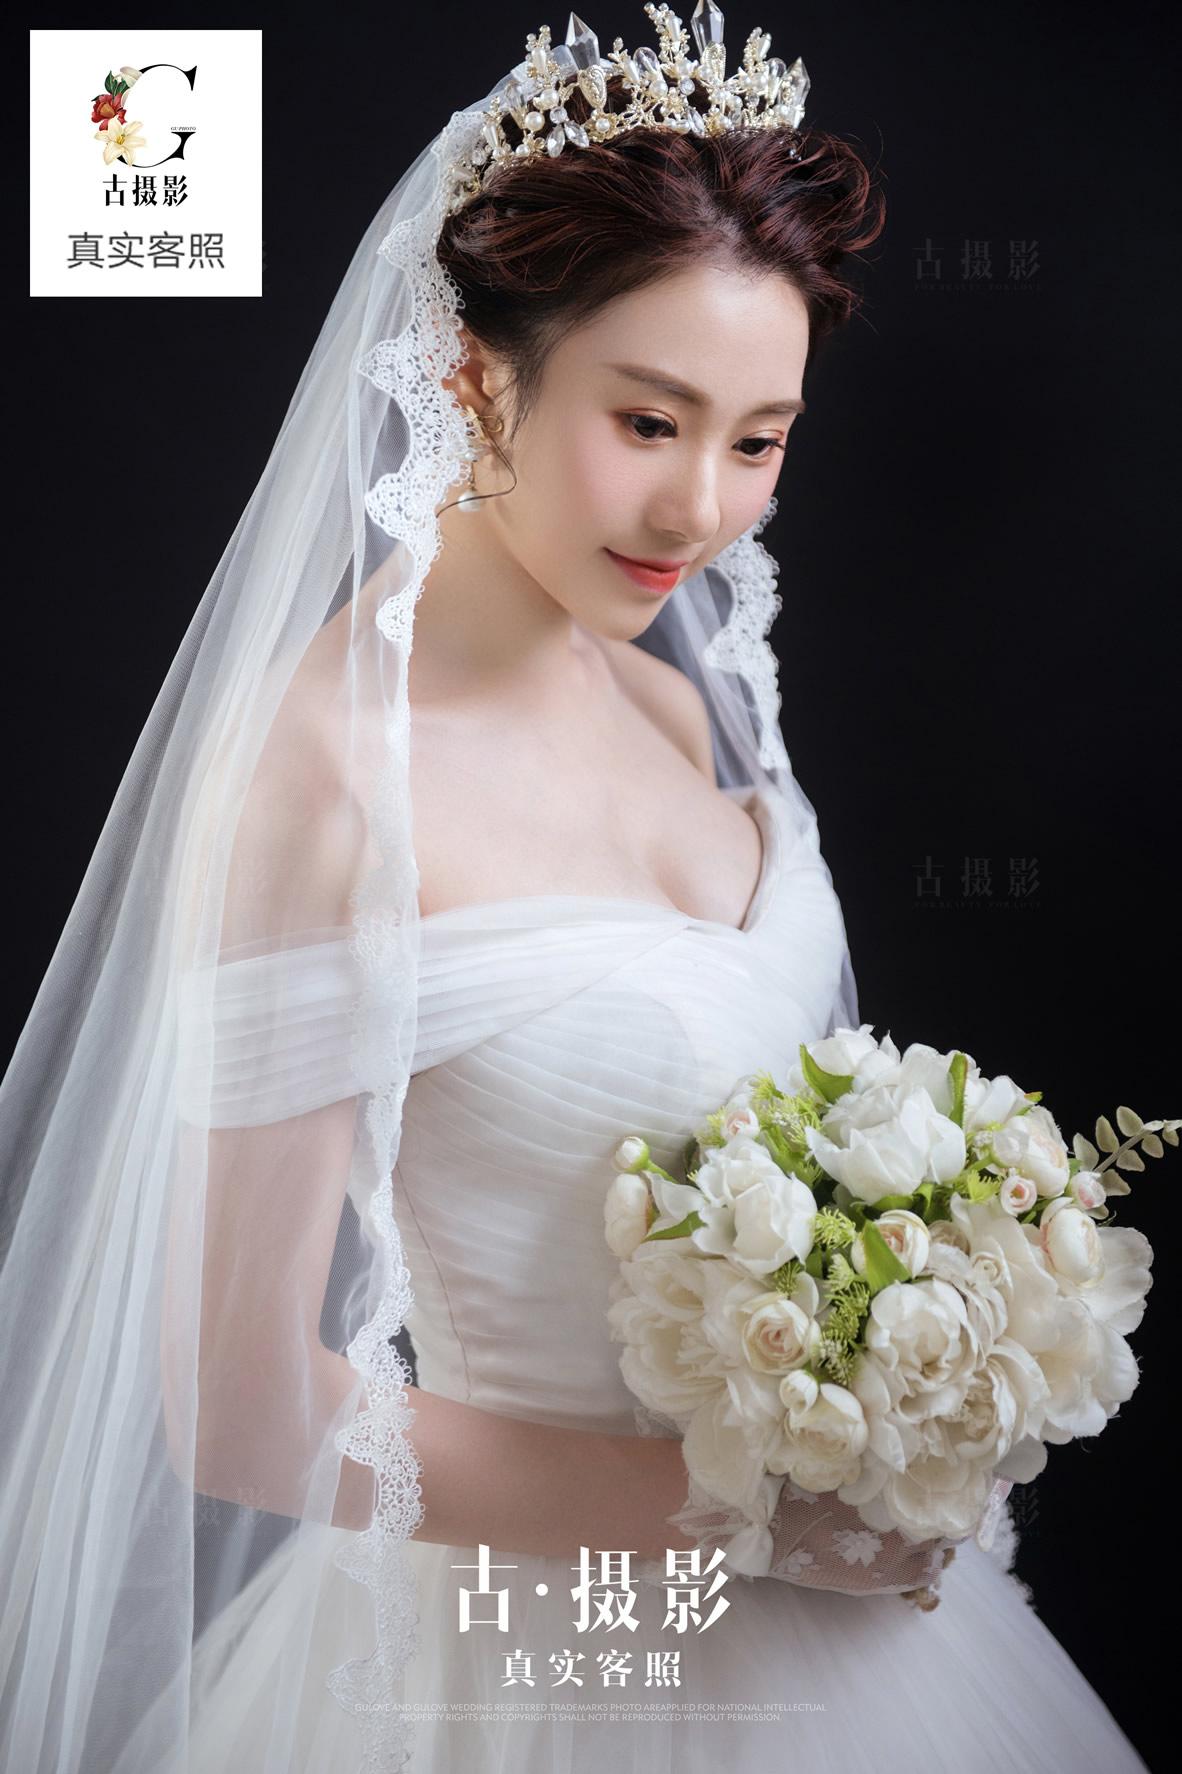 11月19日客片俞先生 俞小姐 - 每日客照 - 广州婚纱摄影-广州古摄影官网